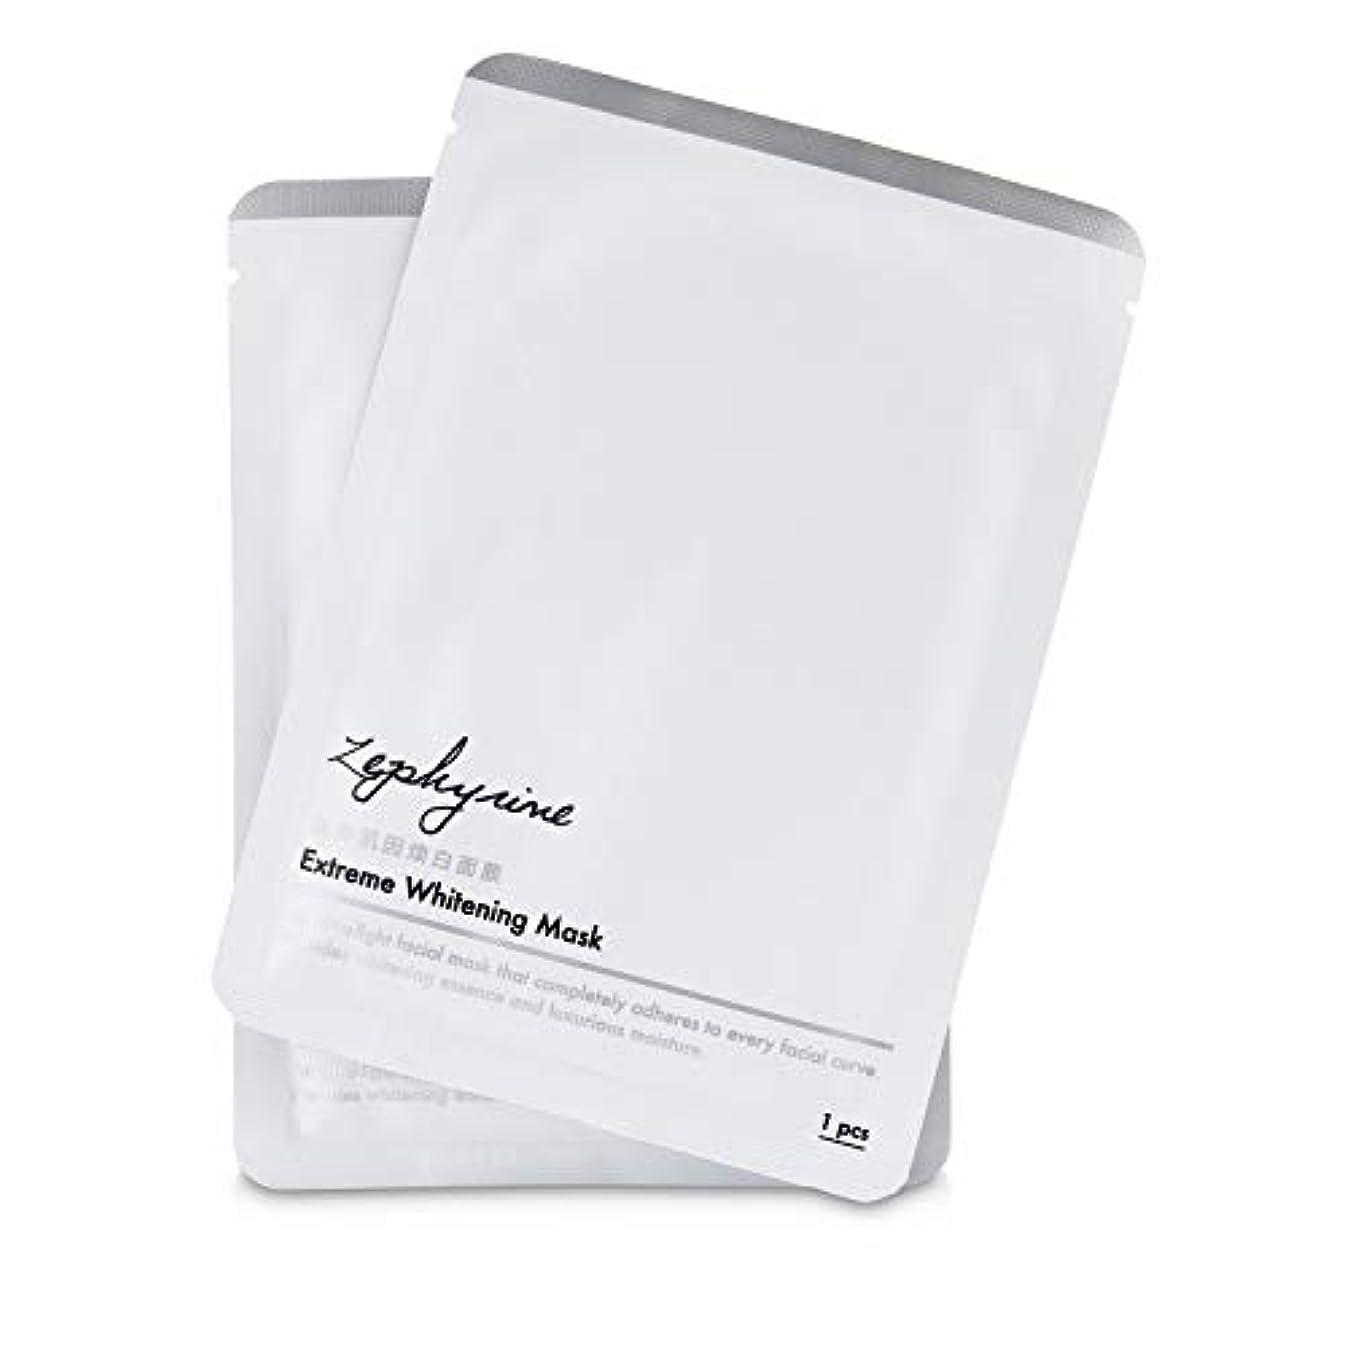 さようなら混乱太字Zephyrine Extreme Whitening Mask 3pcs並行輸入品